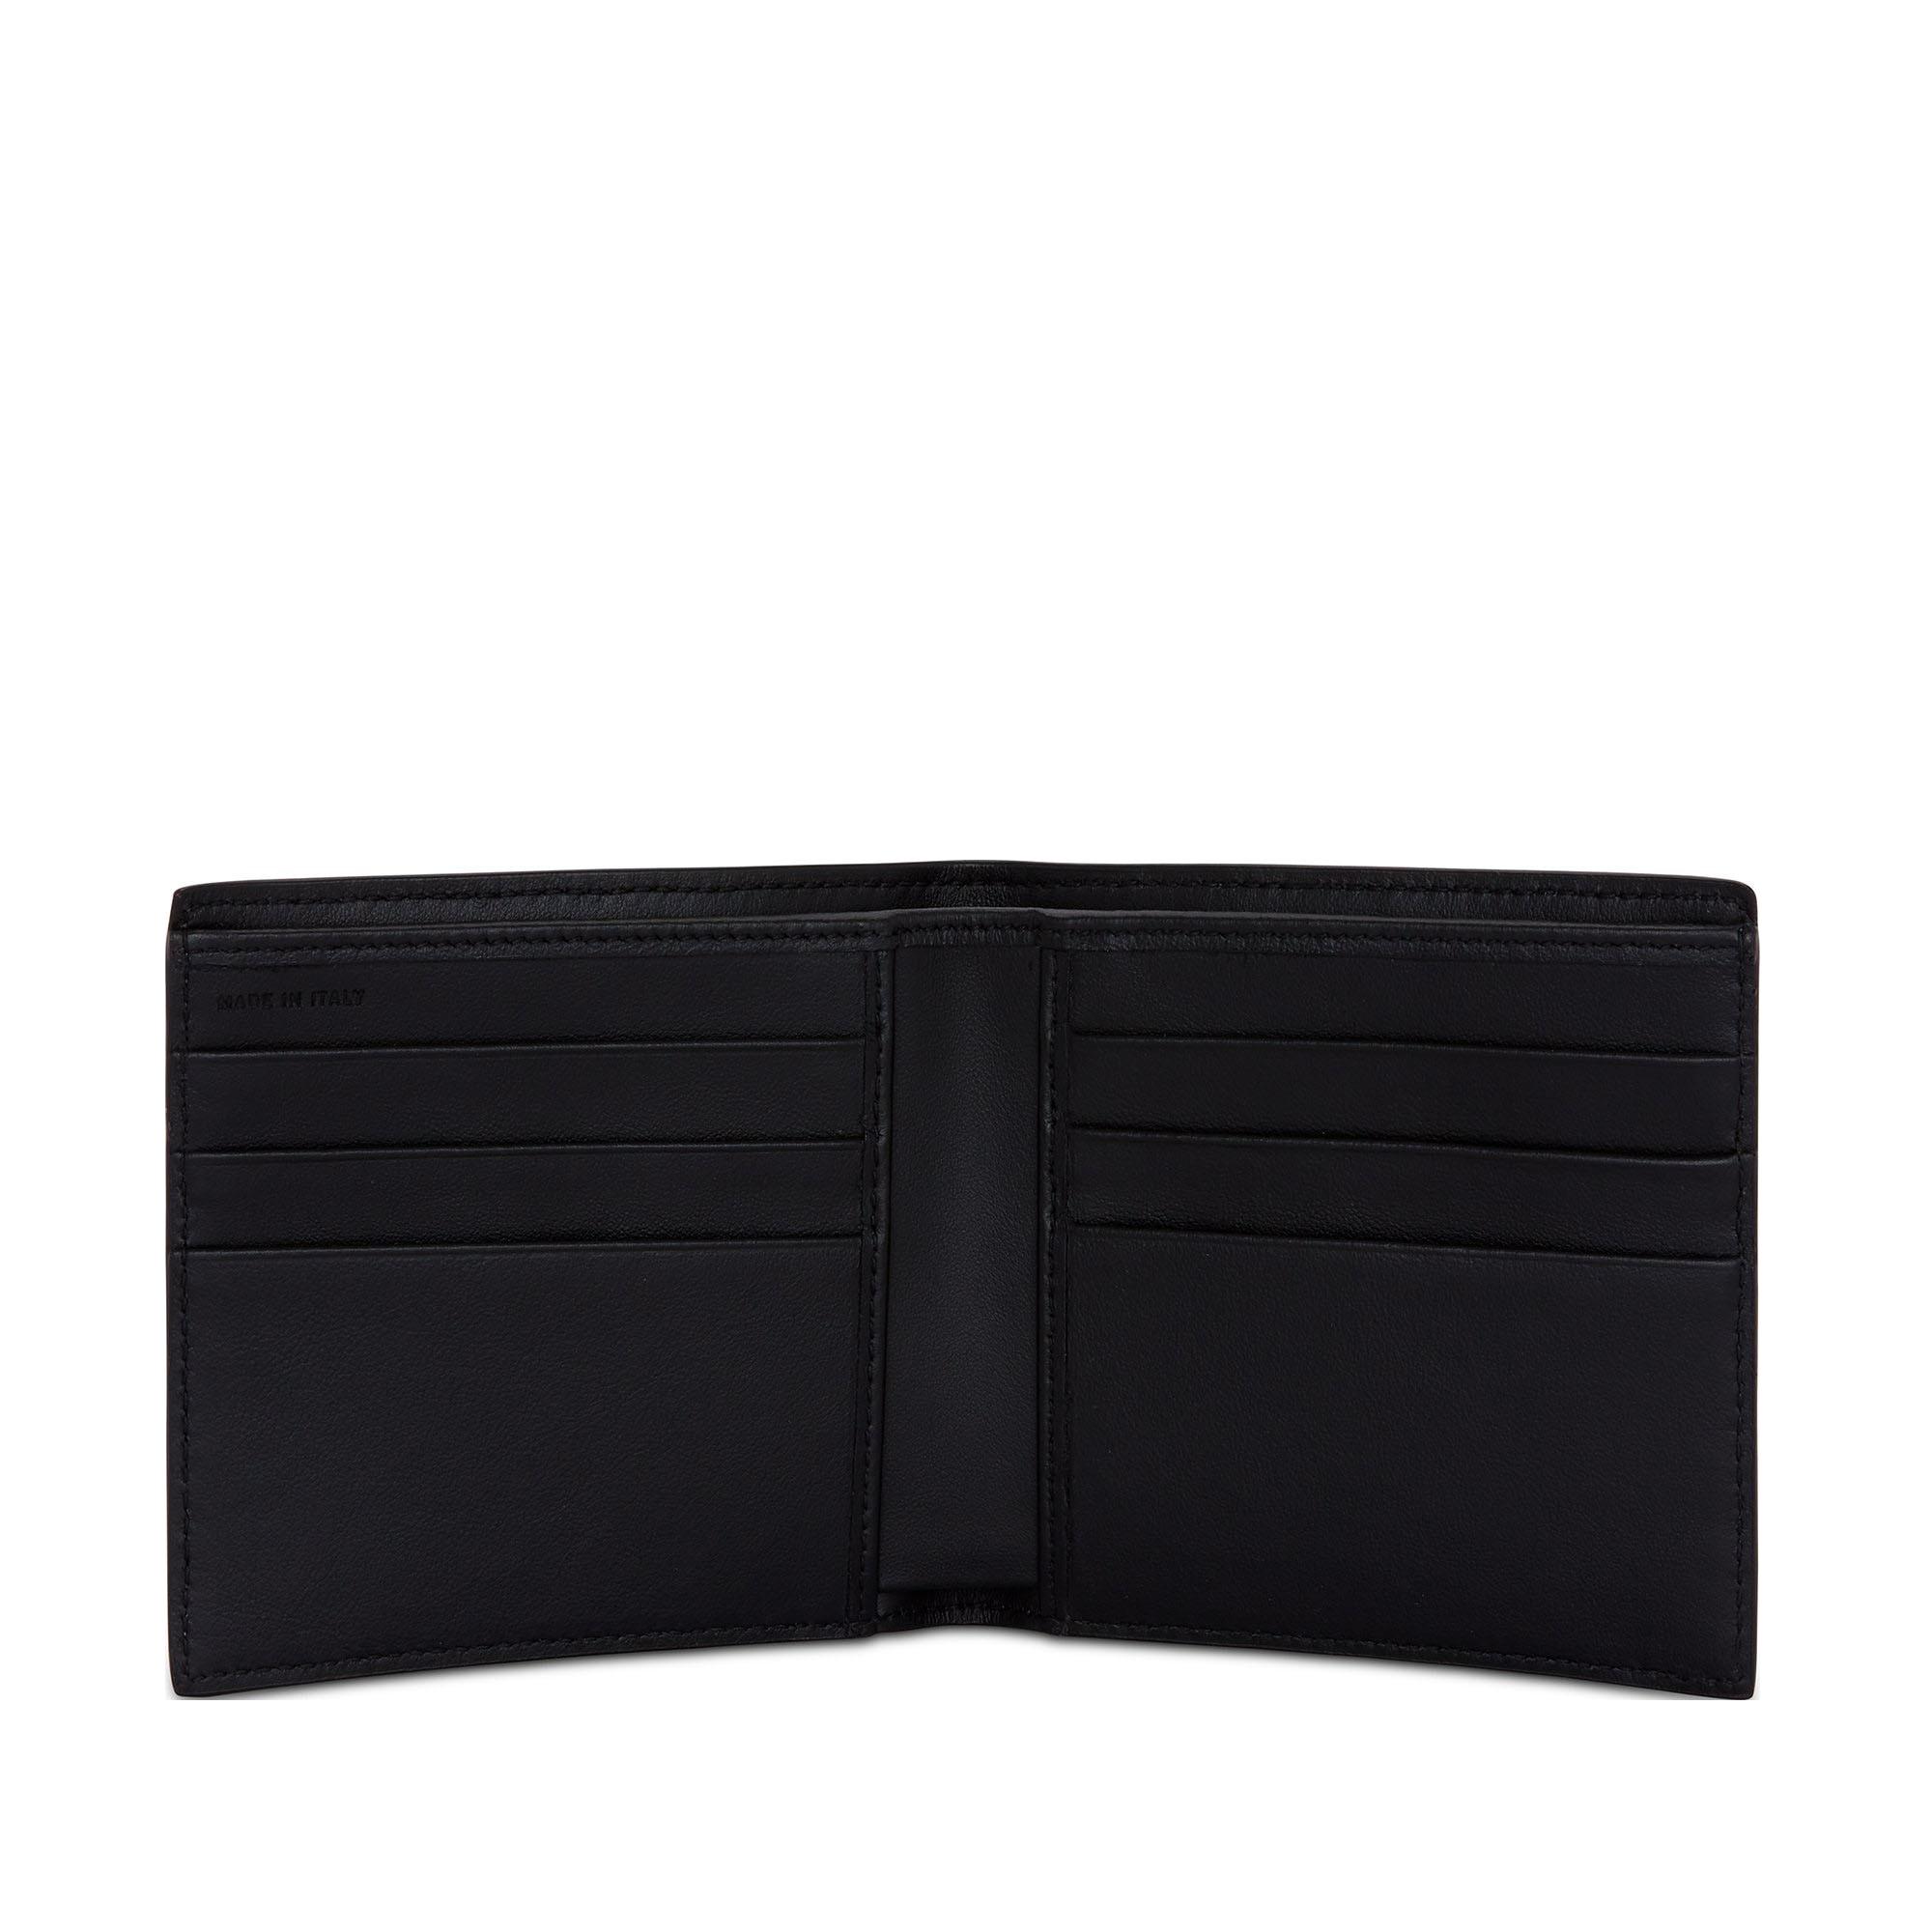 Smythson Dark Steel Ludlow Leather Six Card Wallet Open